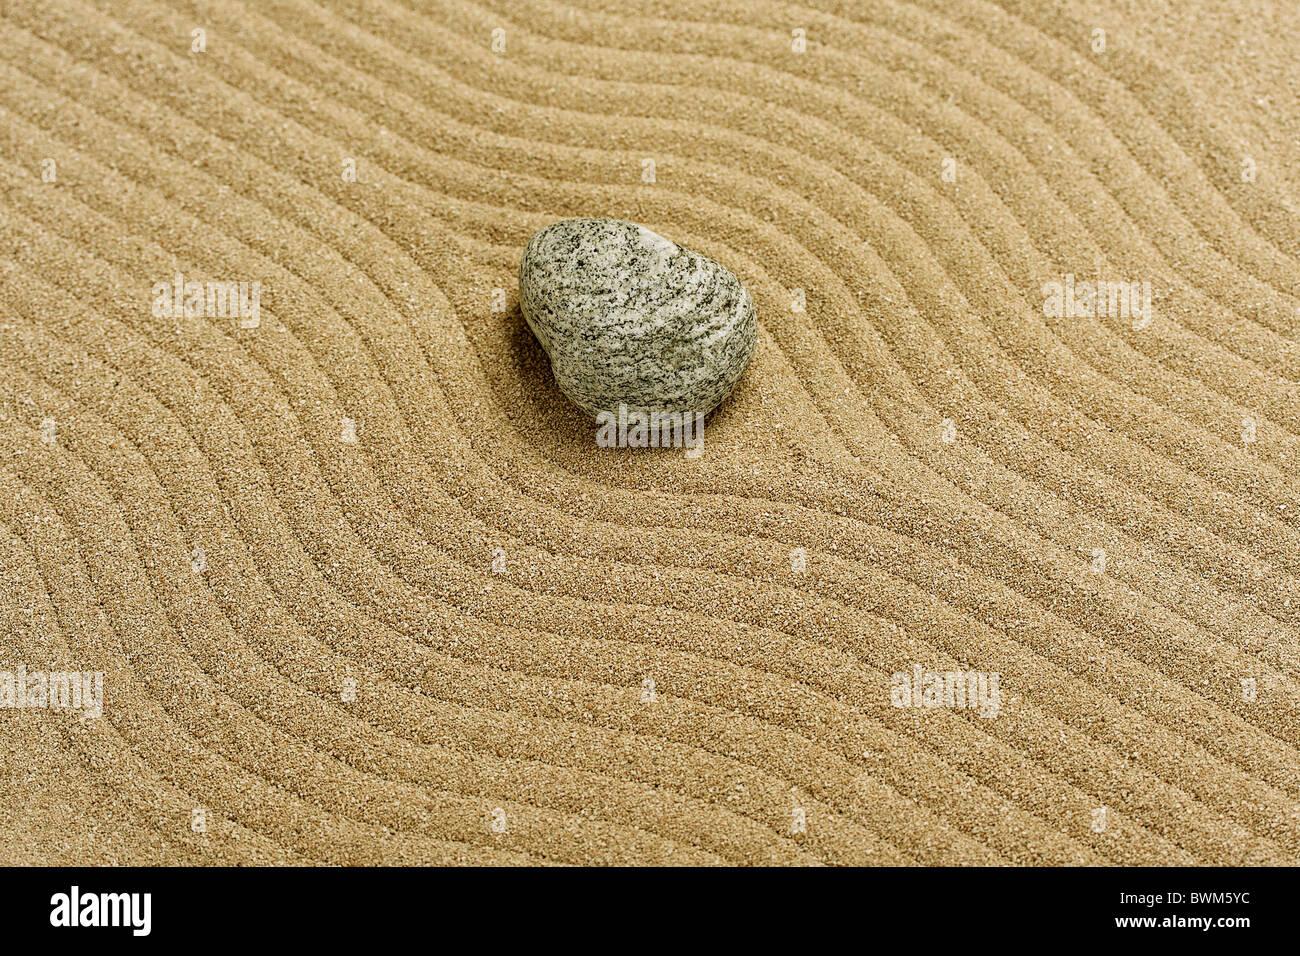 raked sand - zen rock garden - japan zen spirit inspired arrangement - Stock Image